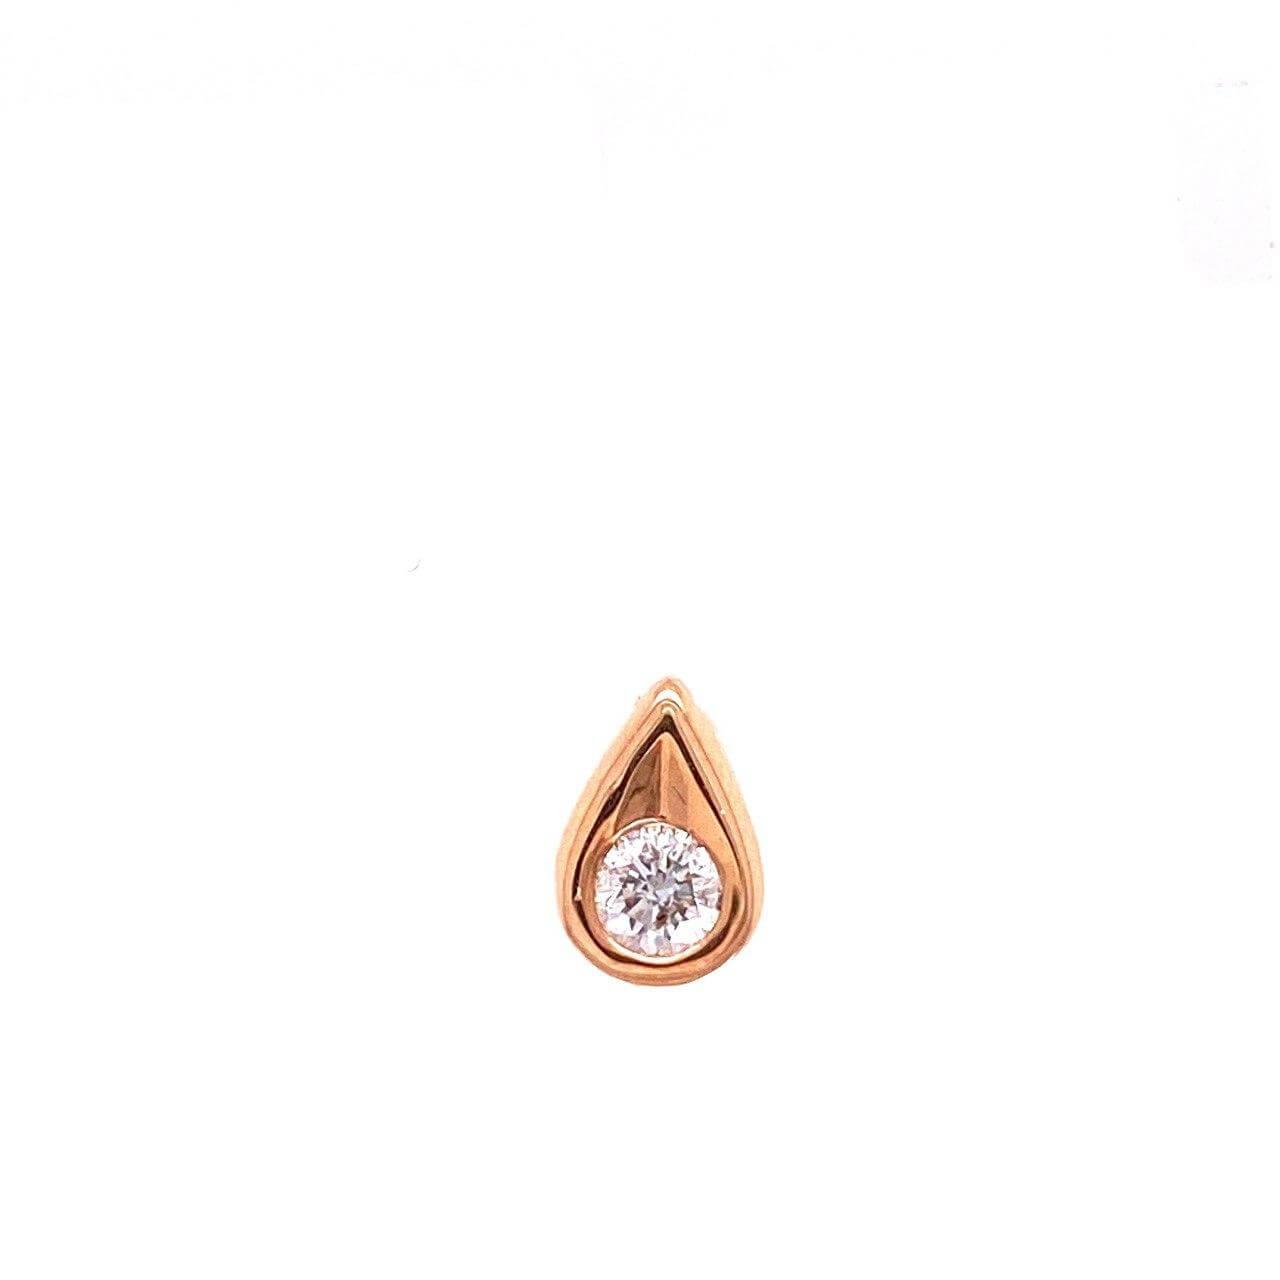 Золотой подвес с бриллиантом арт. БПП-11122-0-0,08 БПП-11122-0-0,08